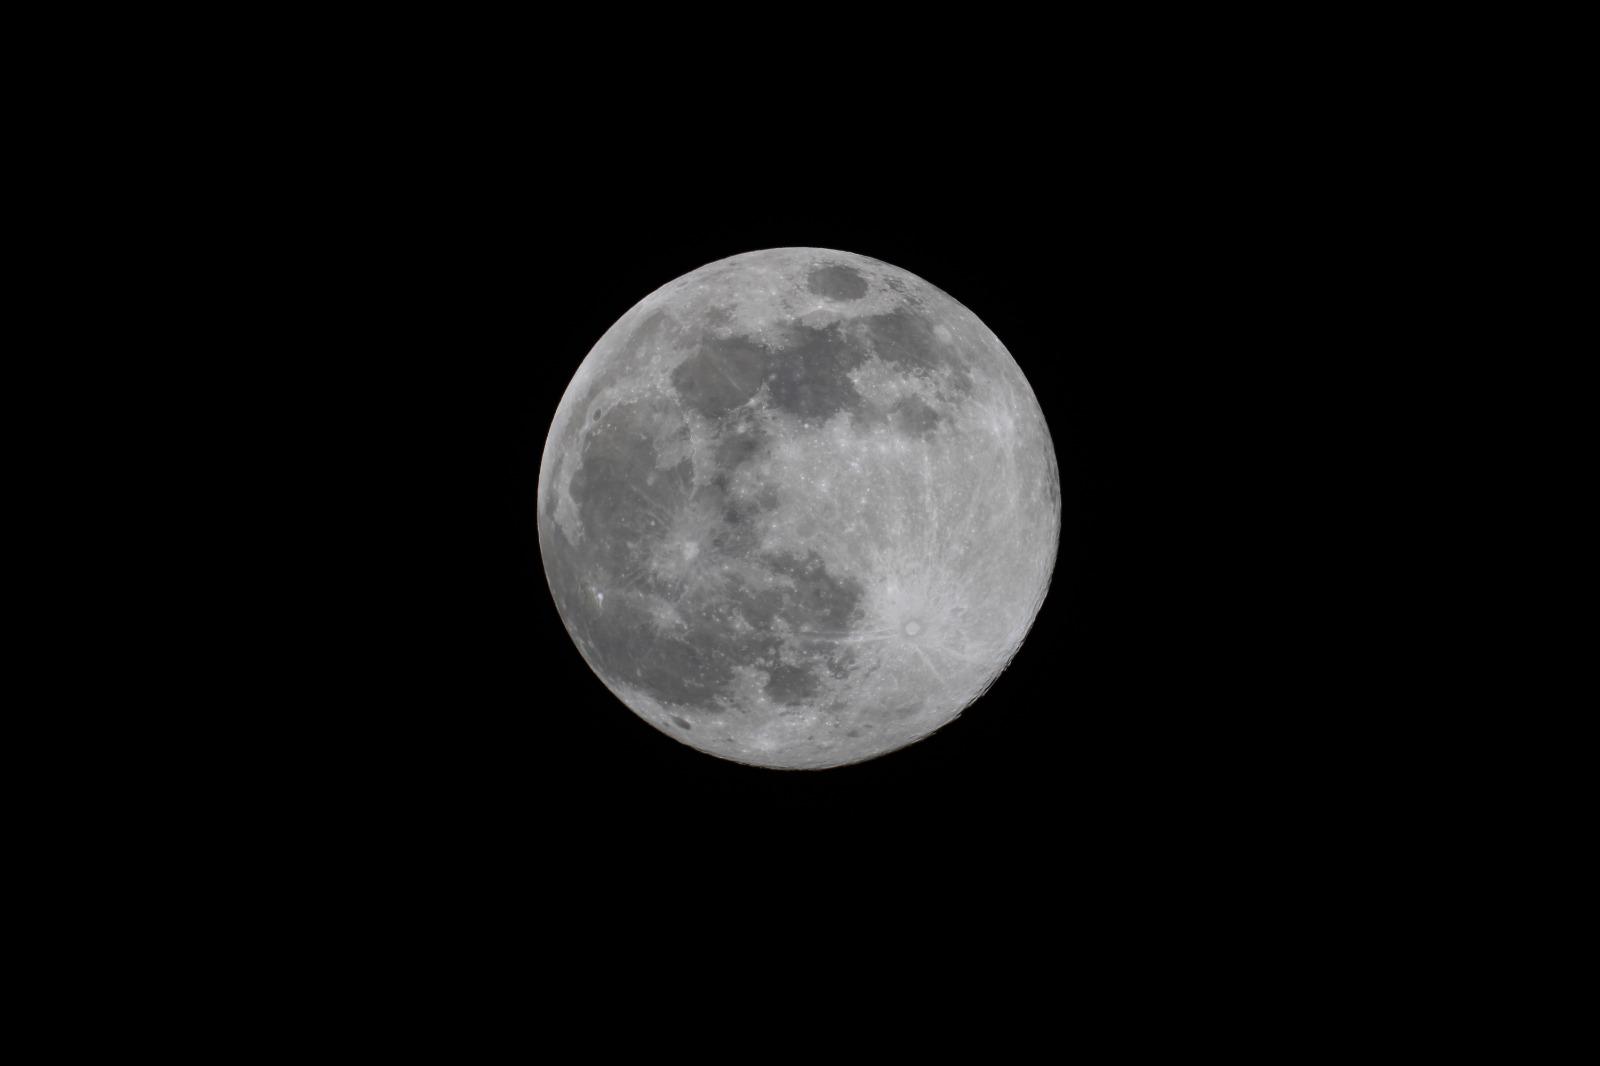 200407 - Fusetti Luna Piena Apogeo - Rifrattore 80-600 Conon EOS 2000d